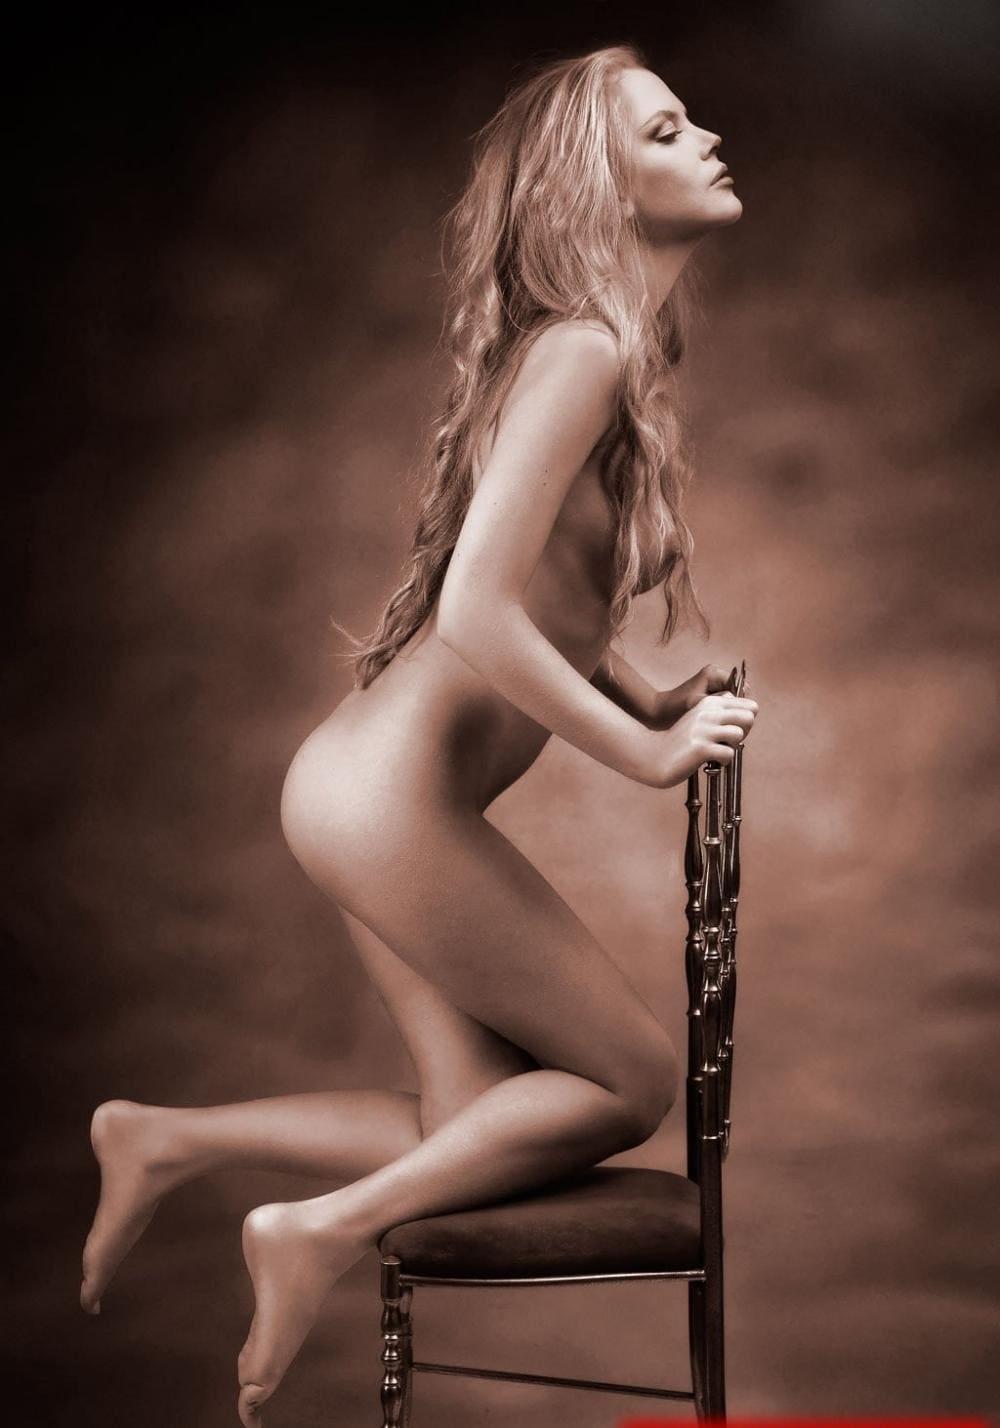 Николь Кидман голая стоит на коленях на стуле, вид сбоку